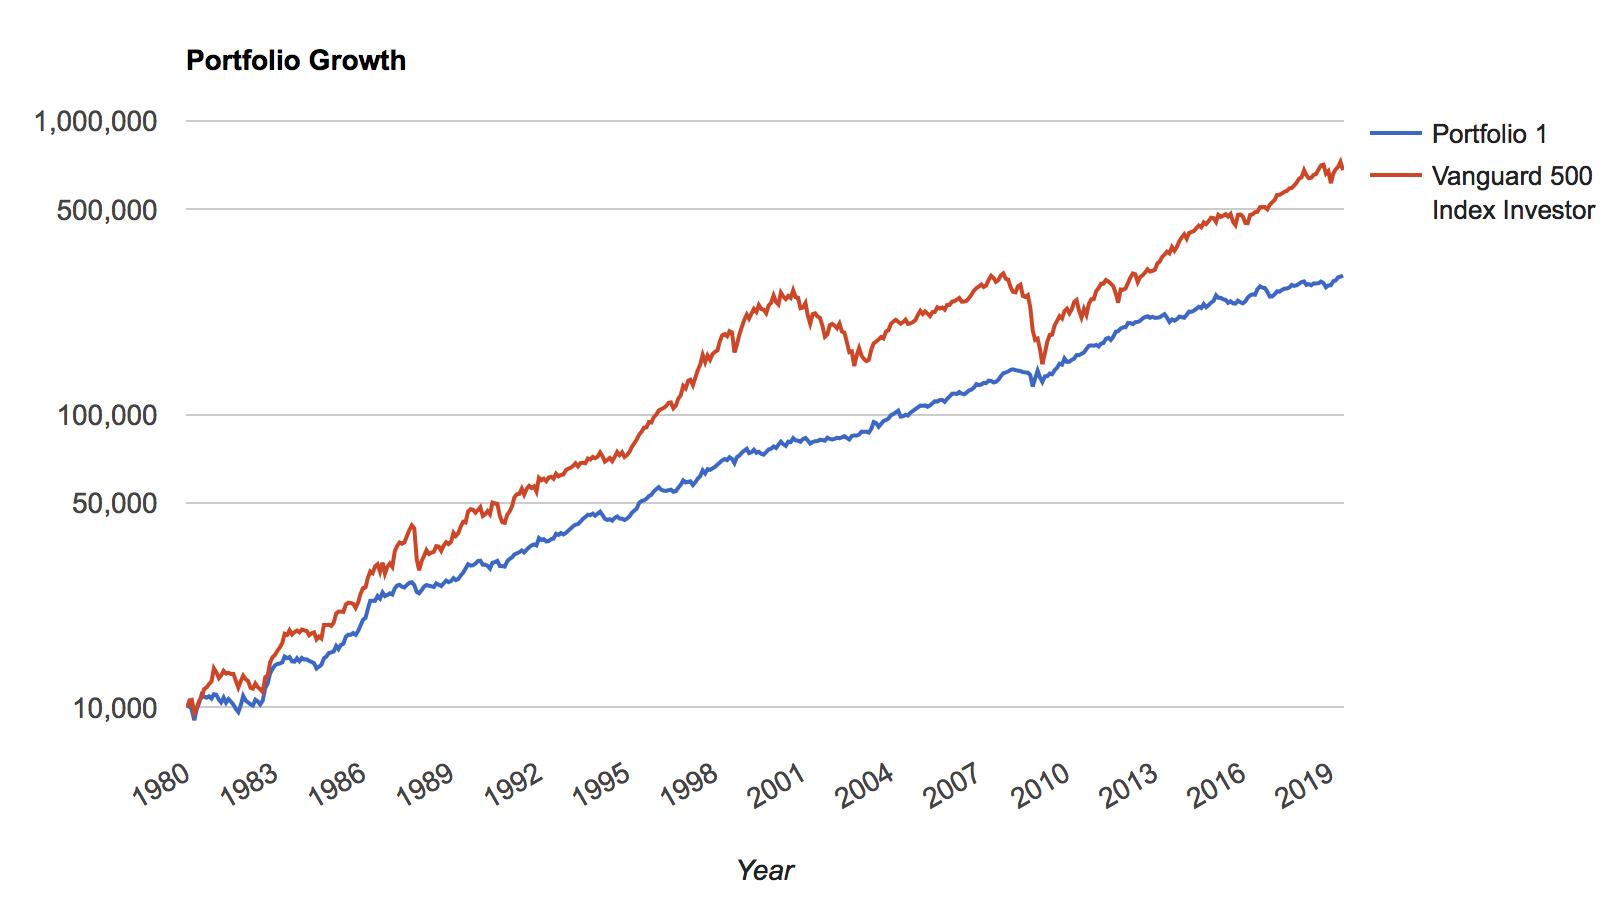 オールシーズンズ戦略の1980年→2019年の41年間のチャート